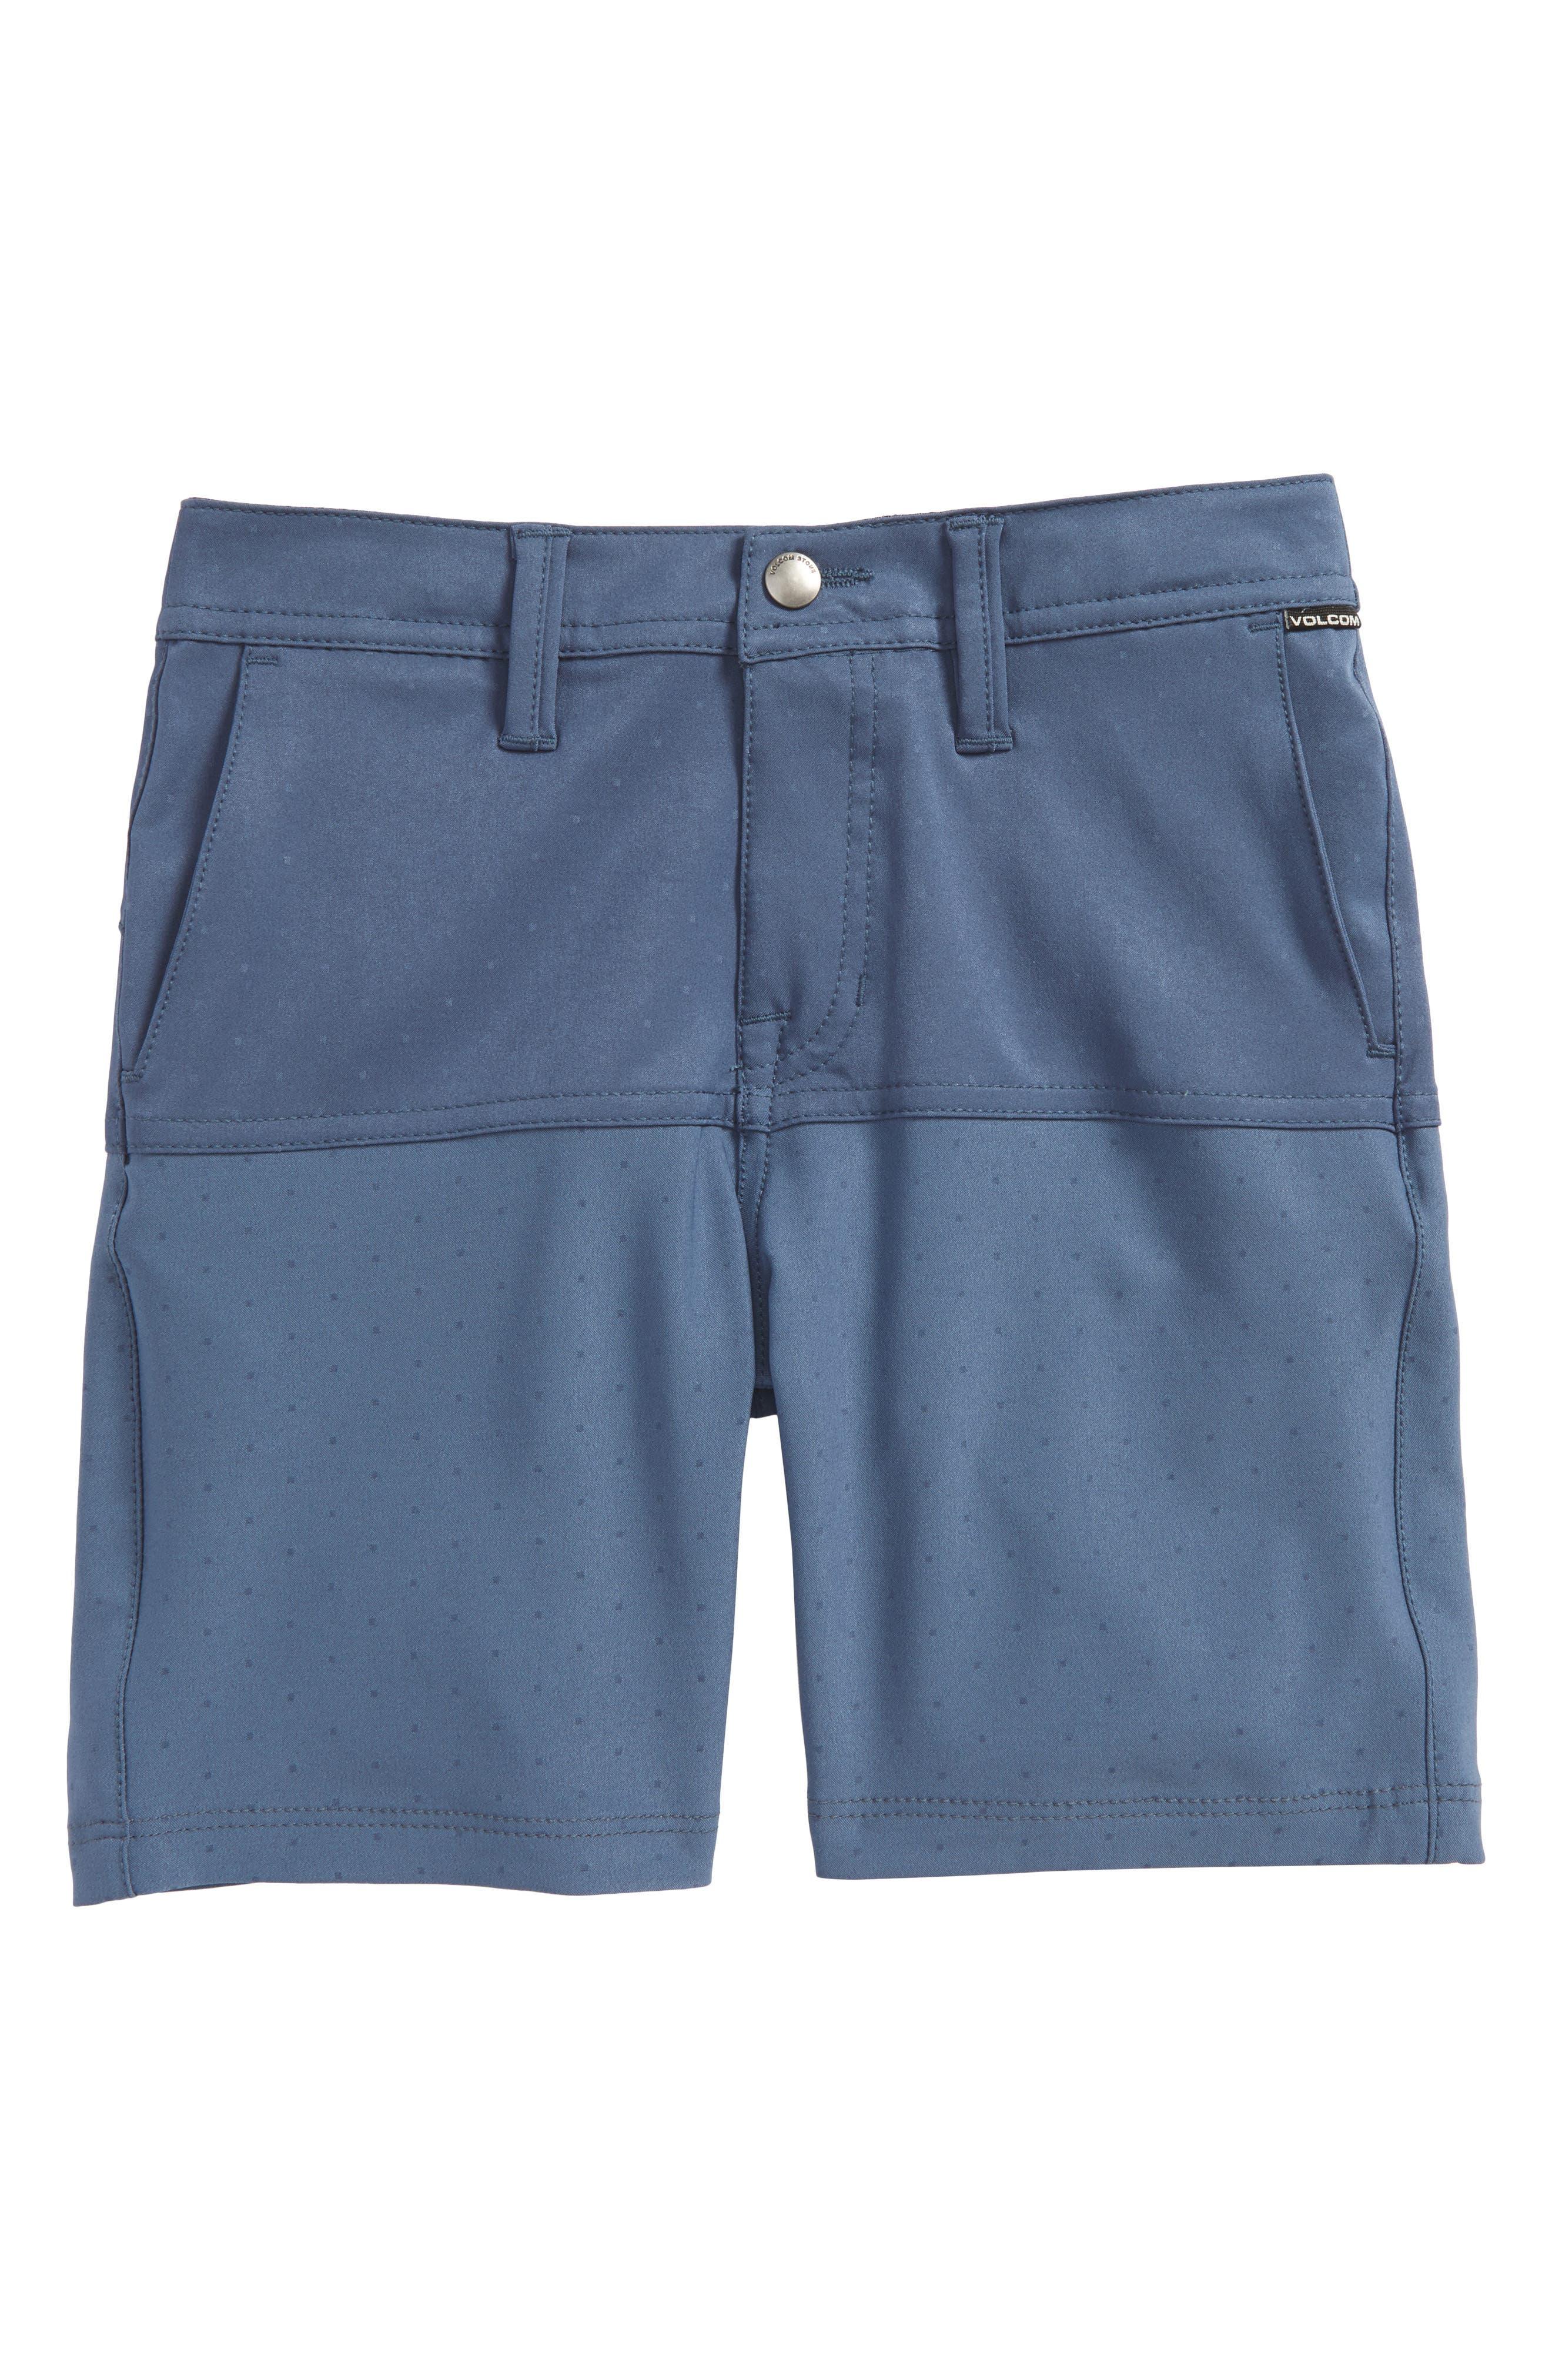 Surf N' Turf Hybrid Shorts,                         Main,                         color, 463